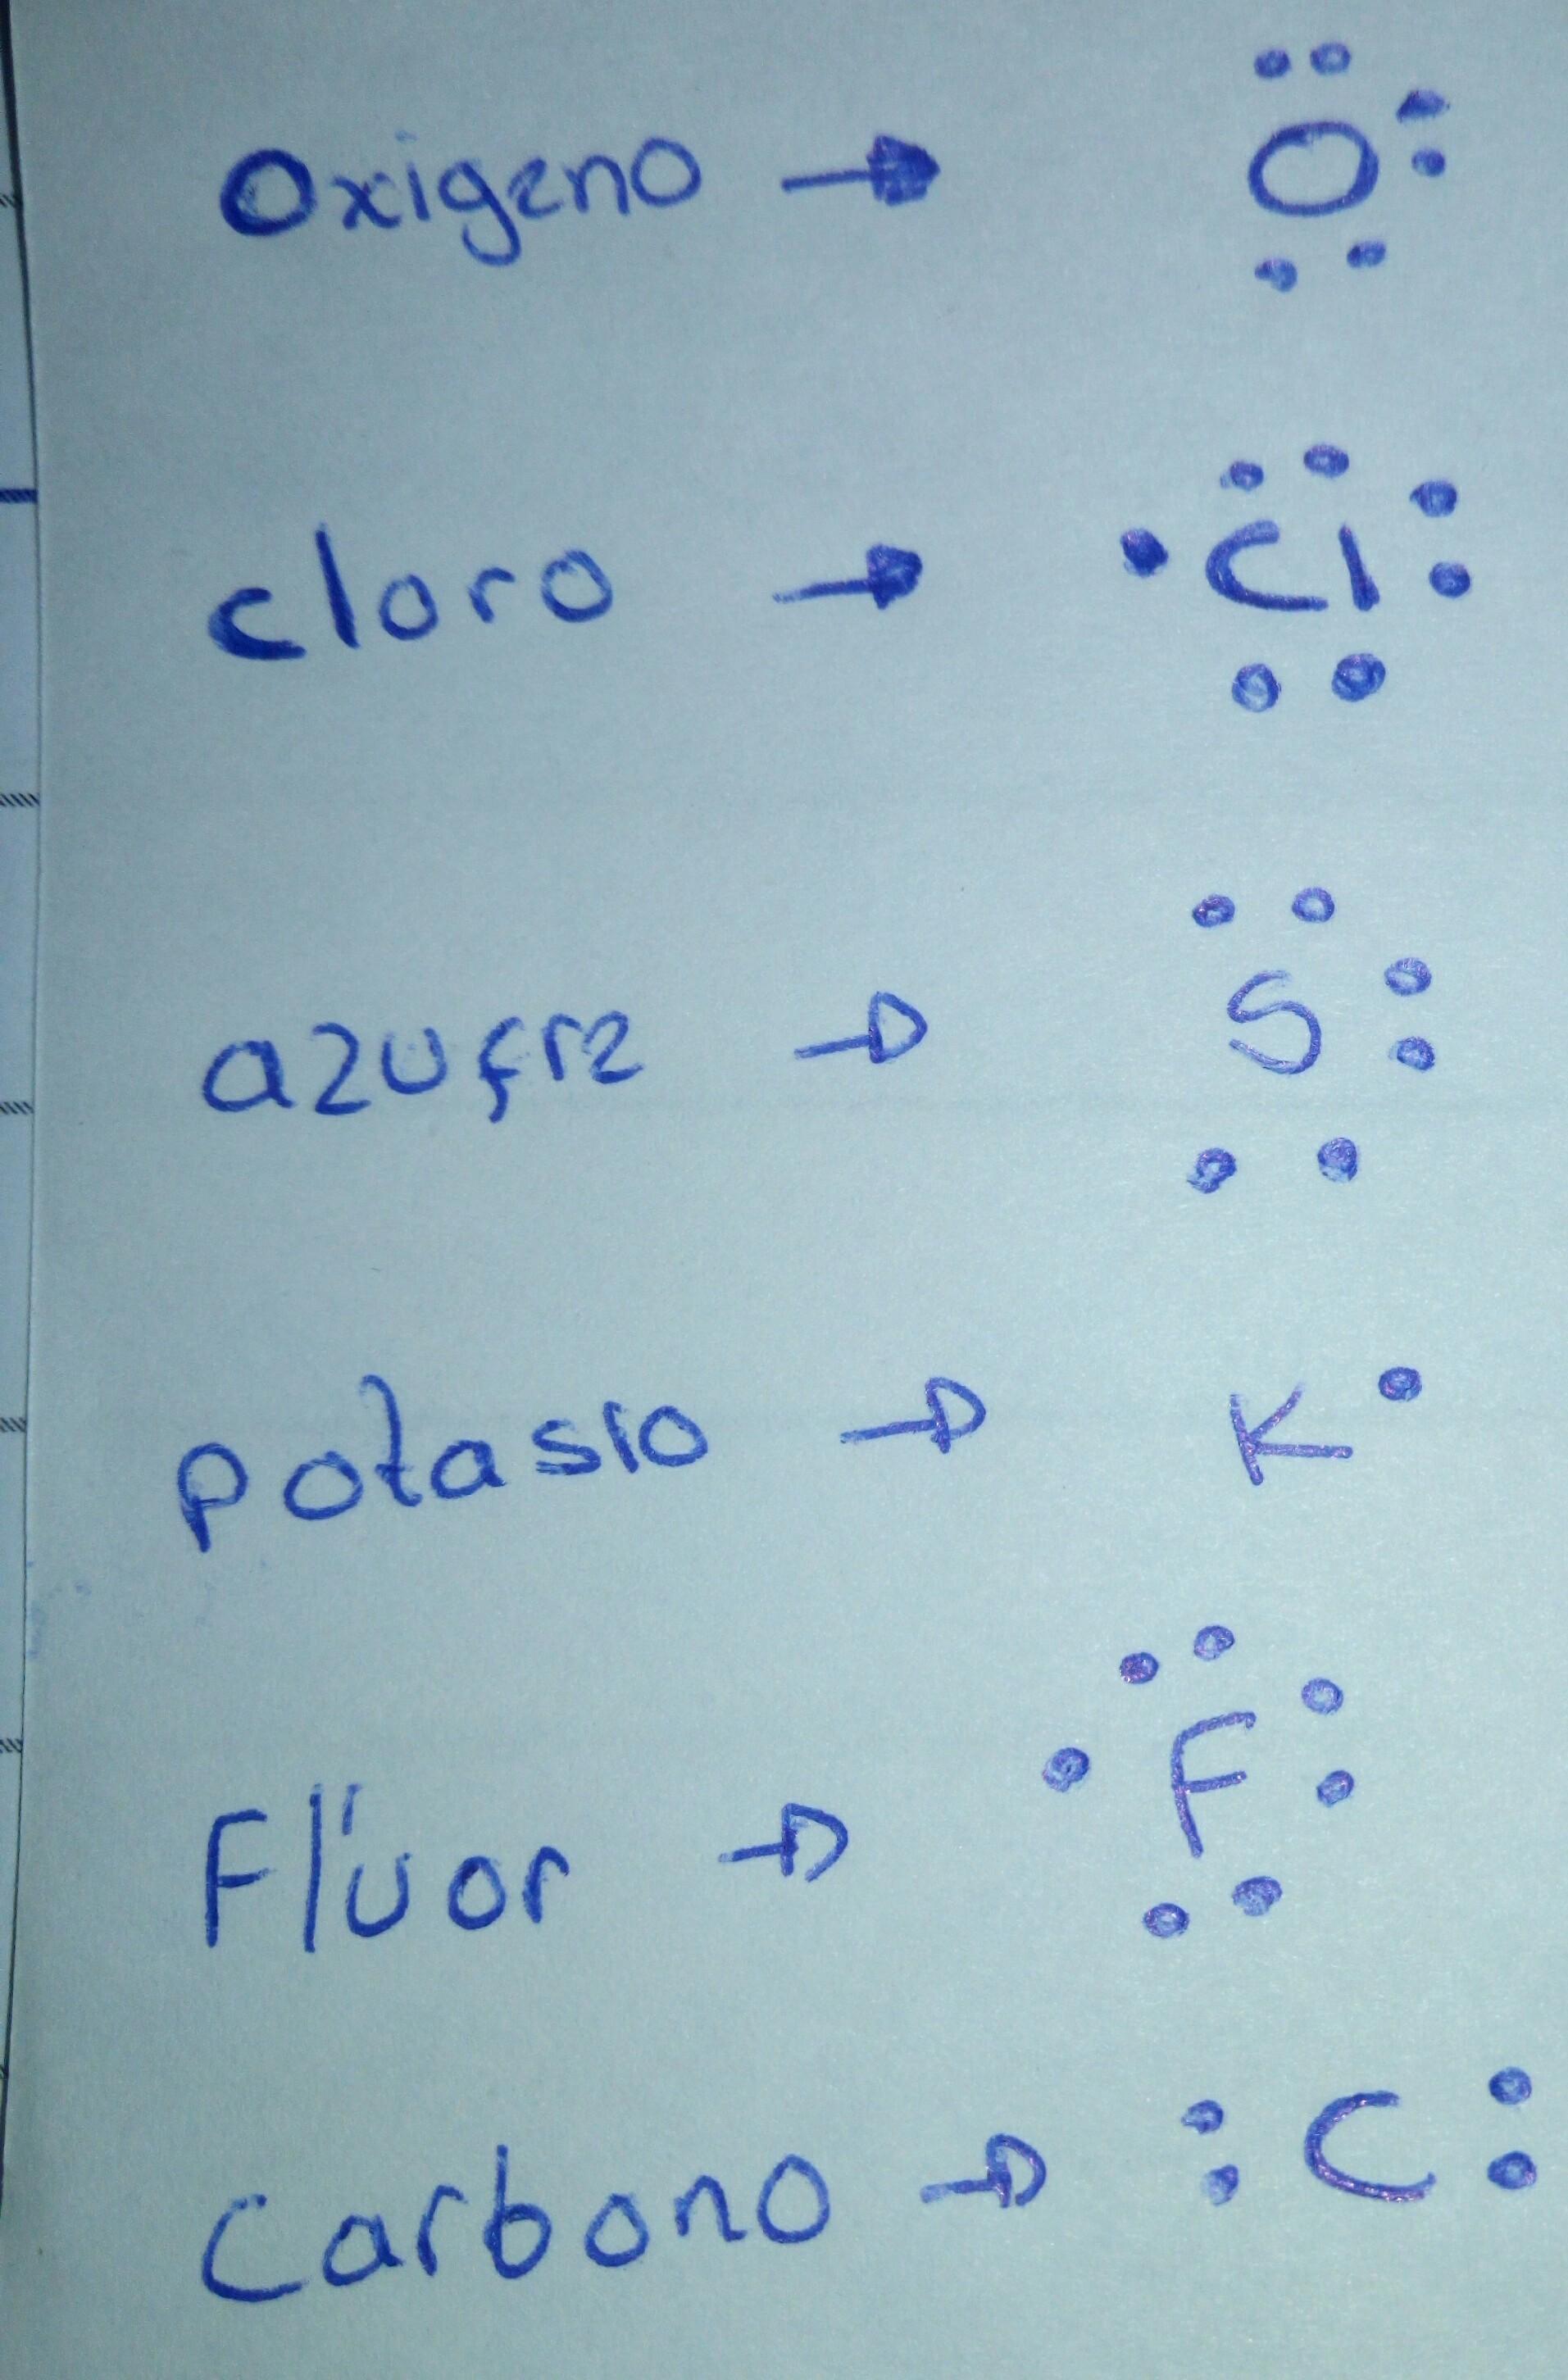 Cual Es La Estructura De Lewis Para El Atomos Oxigeno O Cloro